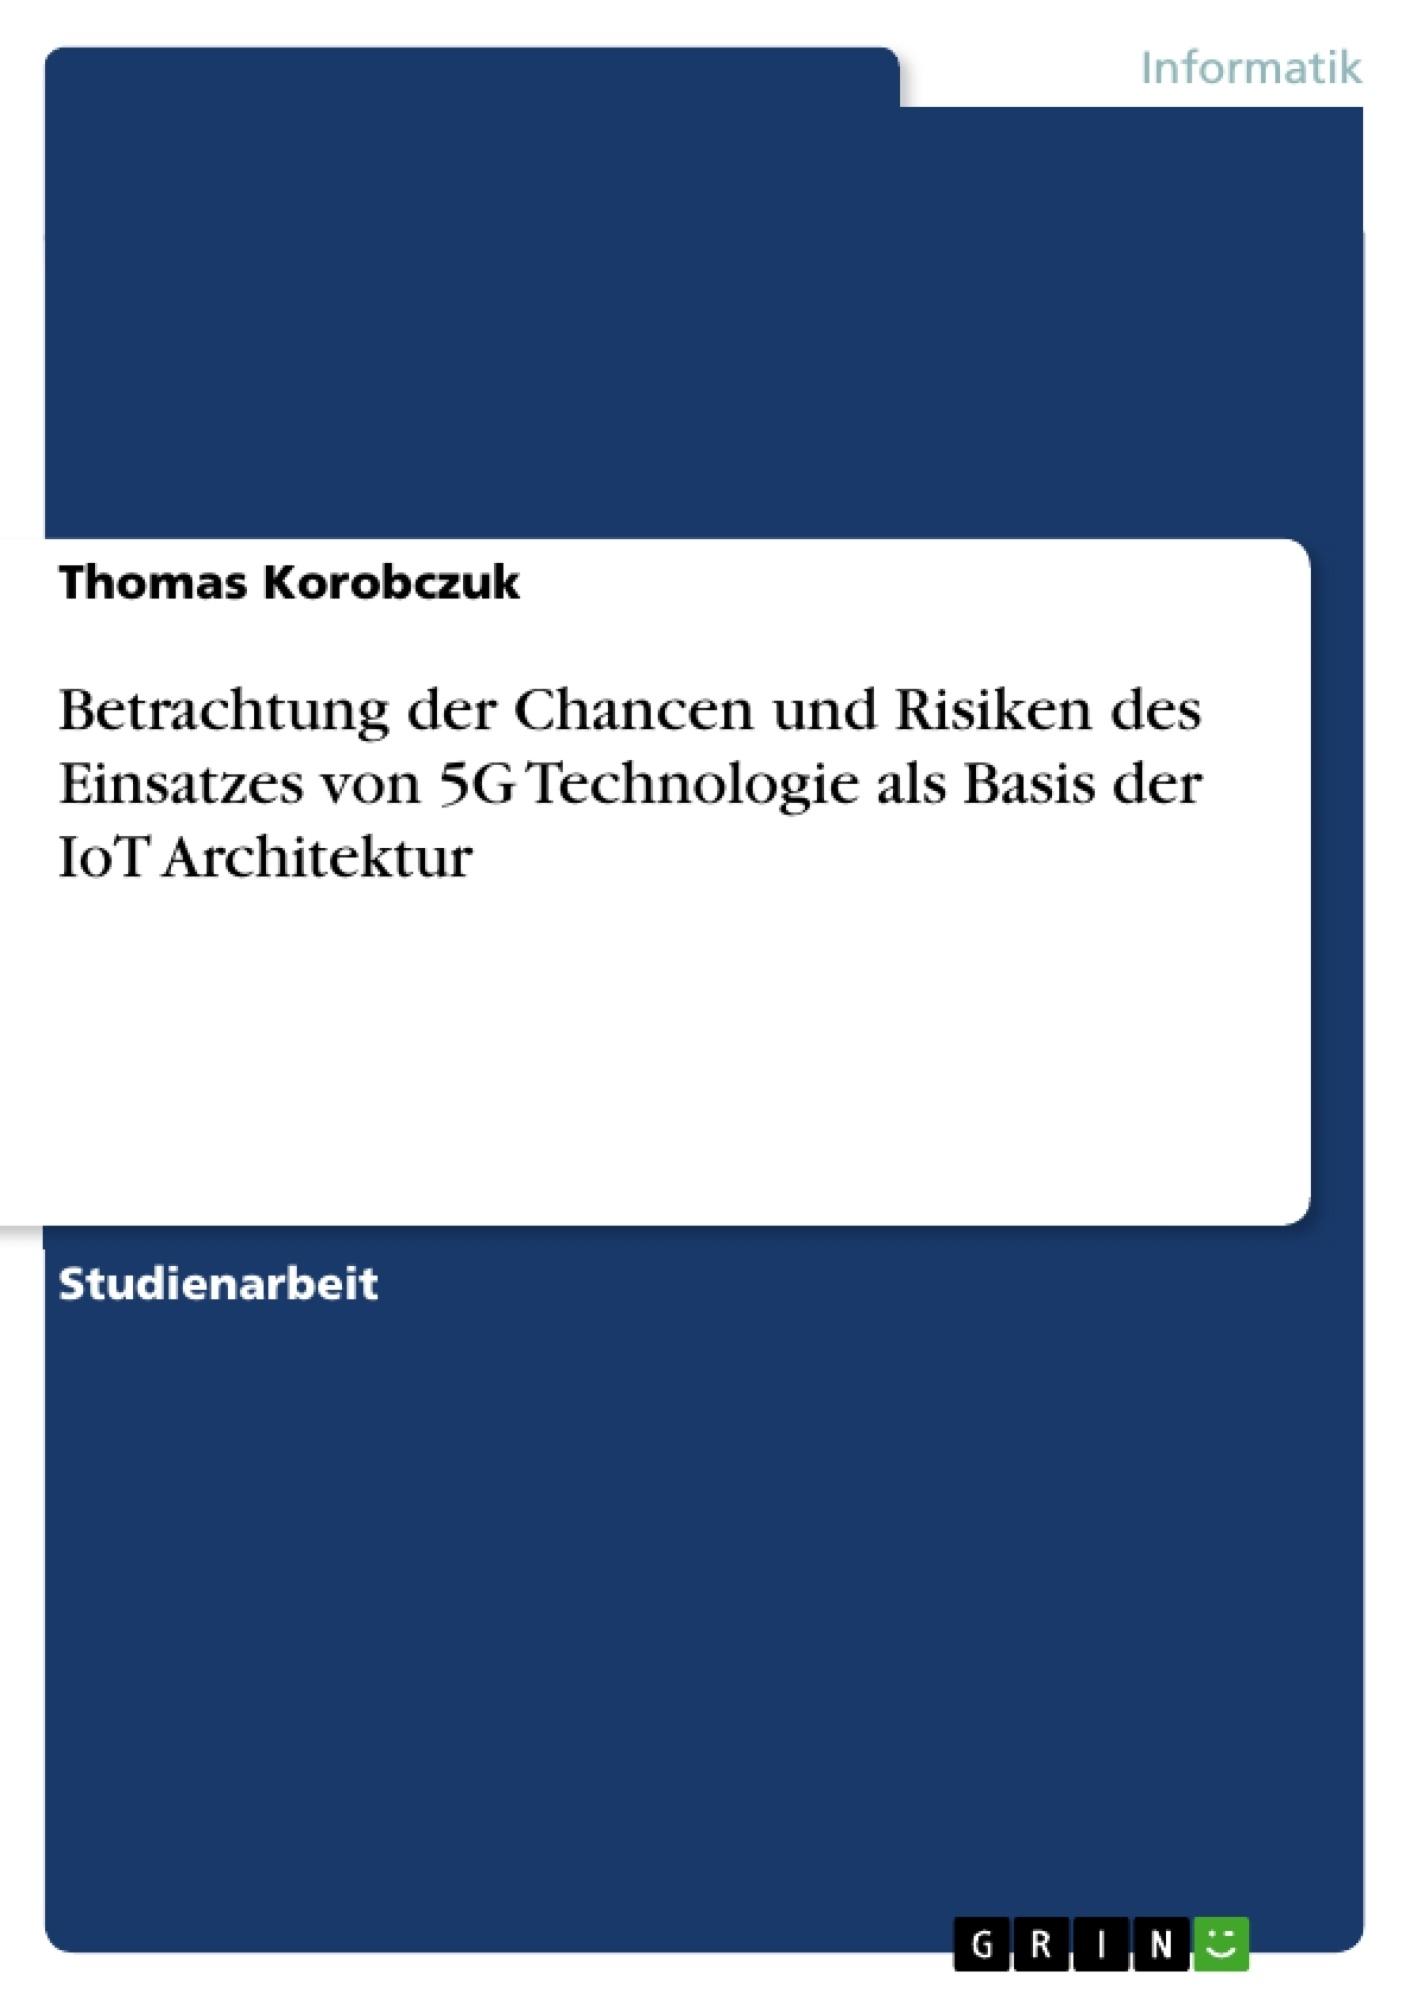 Titel: Betrachtung der Chancen und Risiken des Einsatzes von 5G Technologie als Basis der IoT Architektur